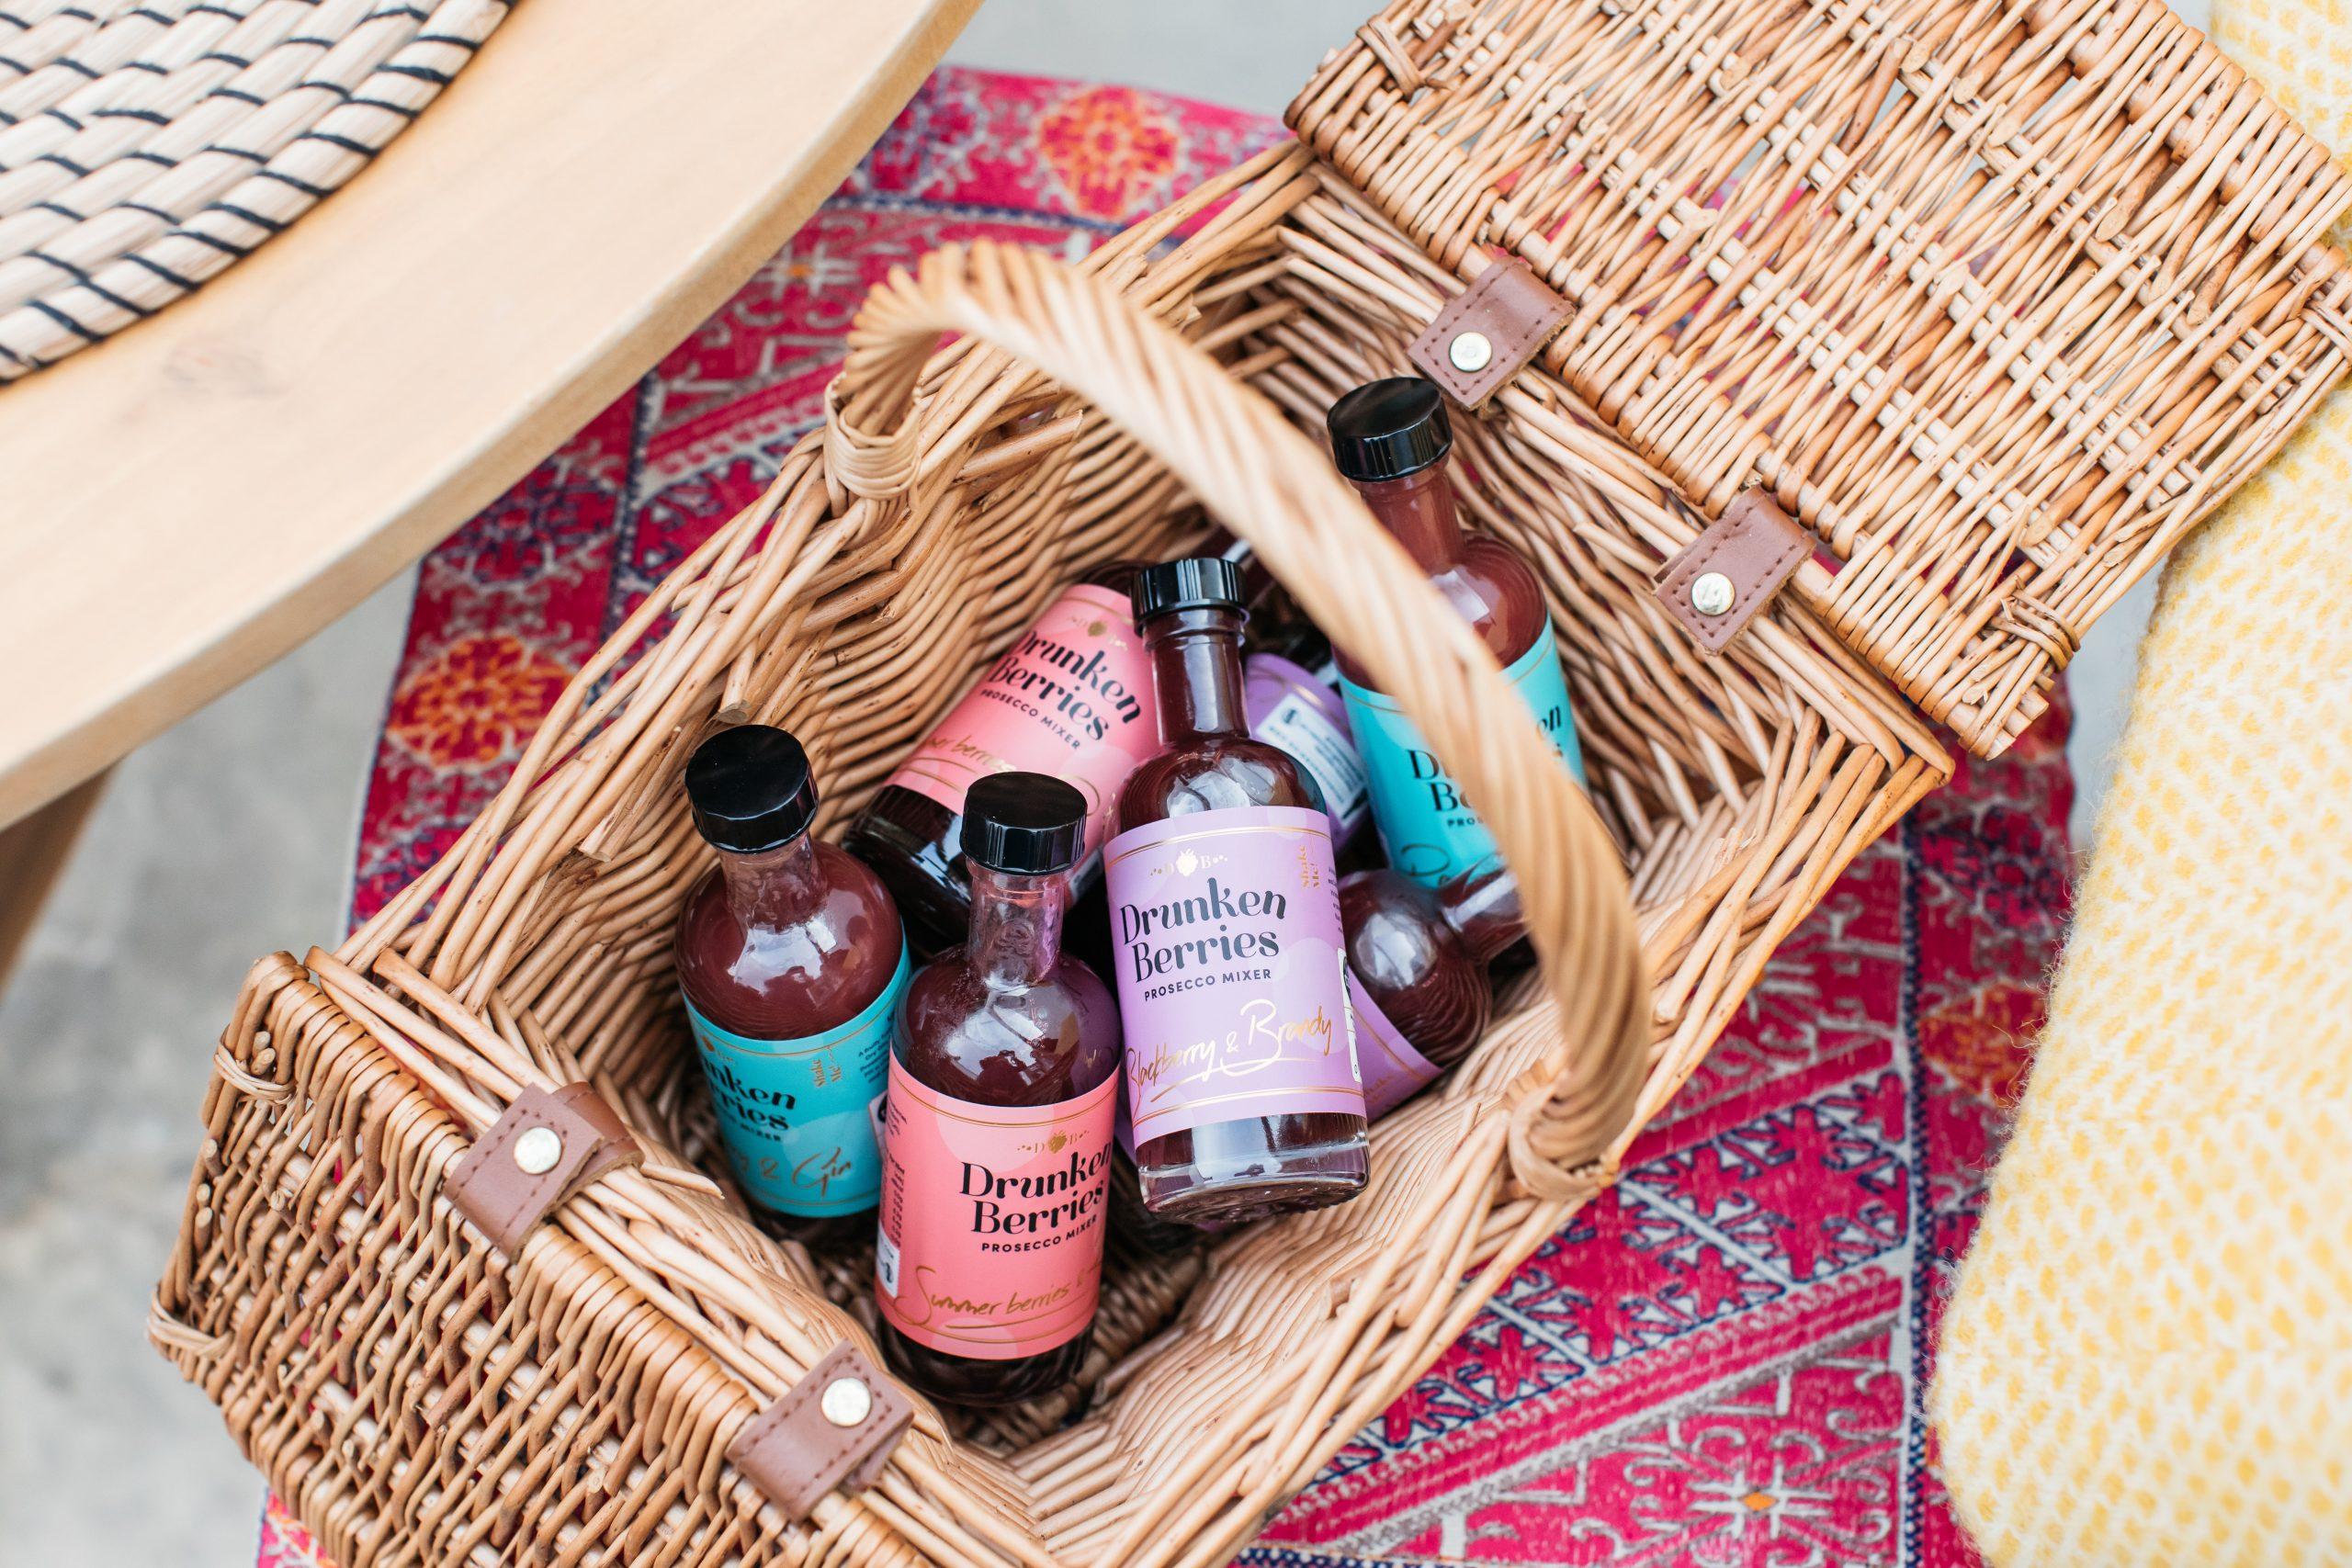 Drunken Berries prosecco mixers in a picnic basket